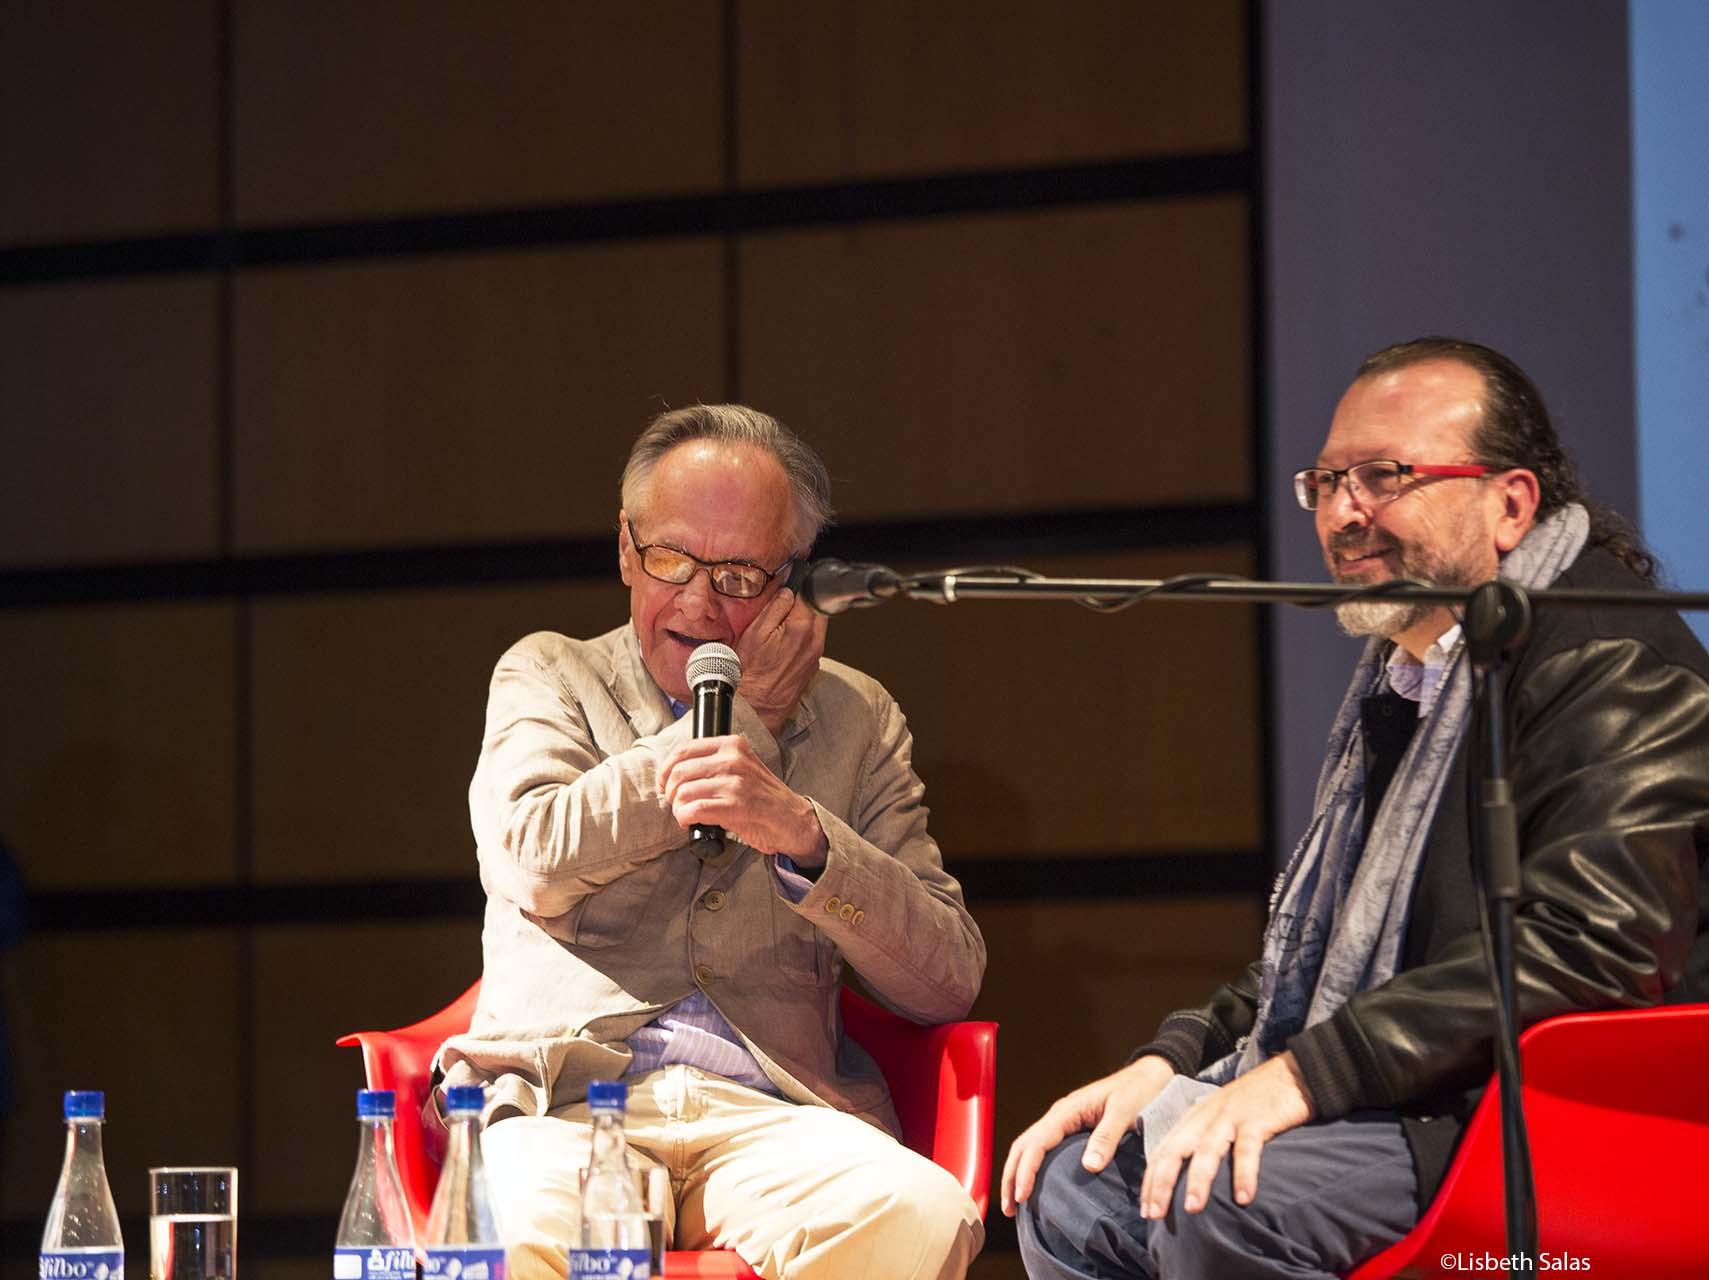 Fernando Vallejo (Izquierda) y William Ospina, durante la conversación este sábado en la FILBo. / Fotografía de Lisbeth Salas.